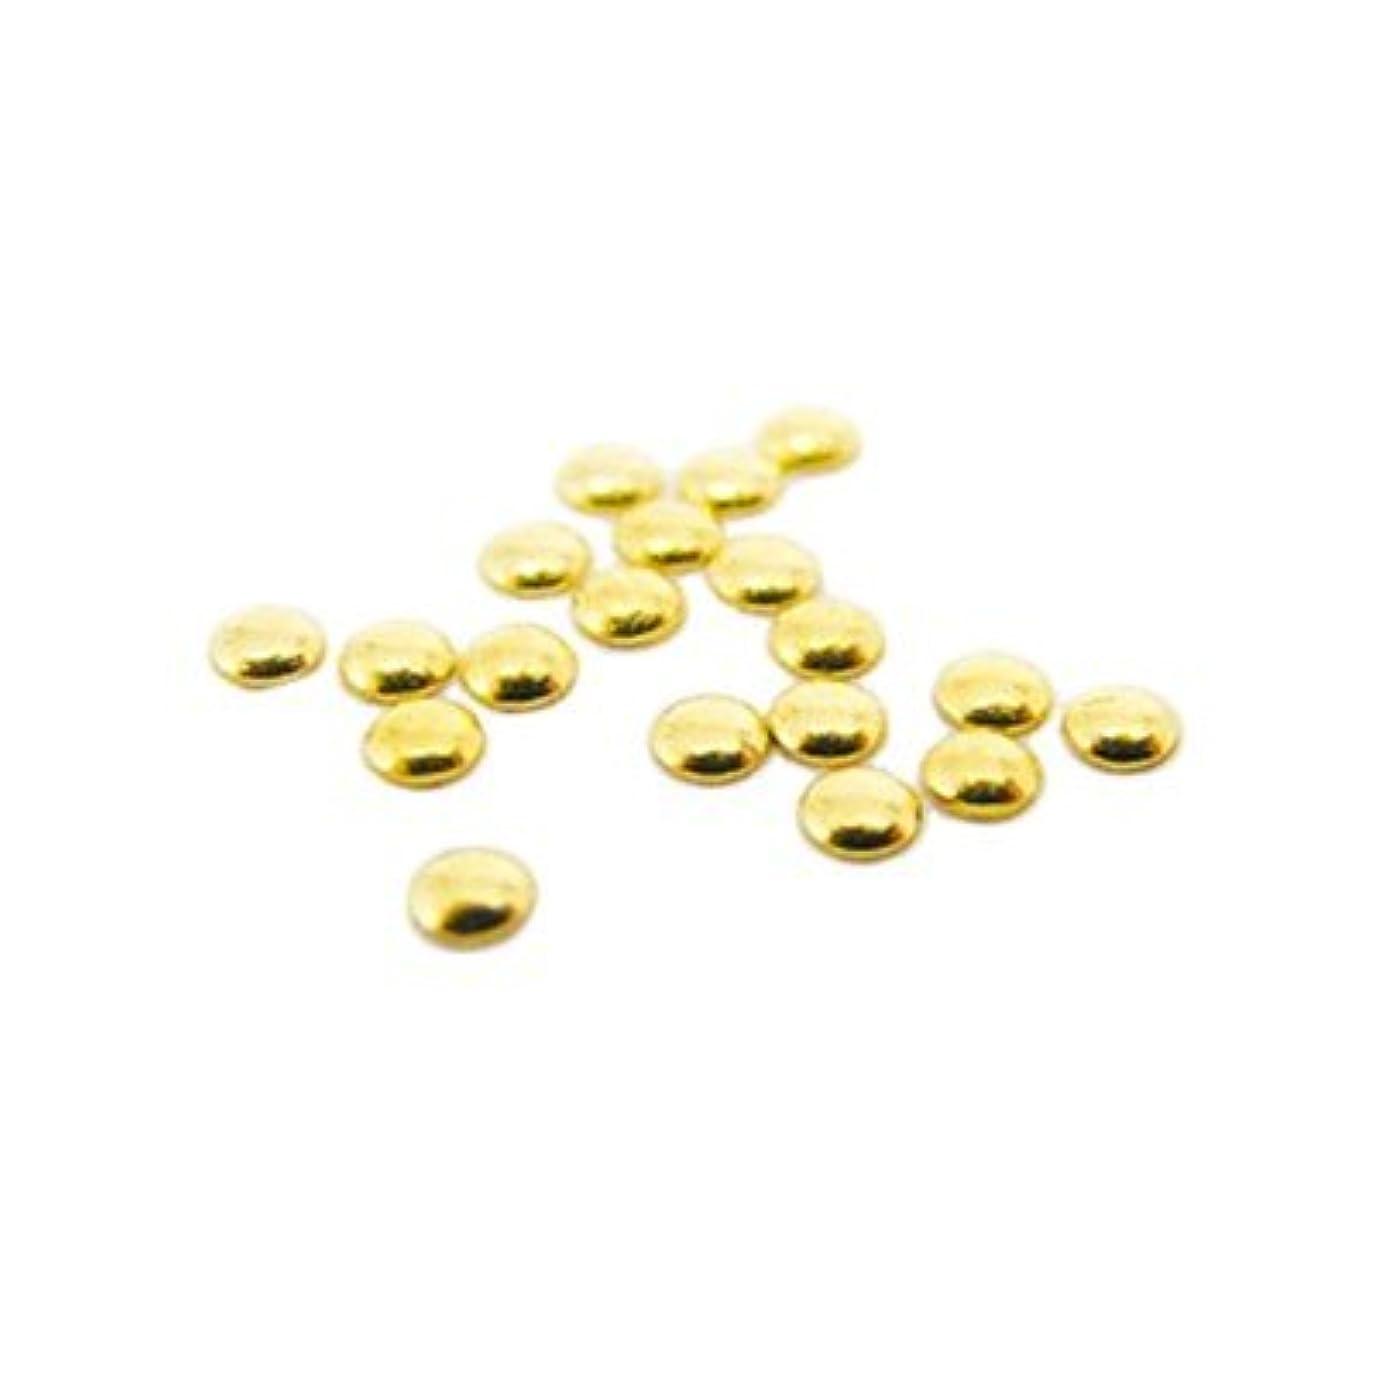 主流ゆるい入学するピアドラ スタッズ 1.2mm 50P ゴールド